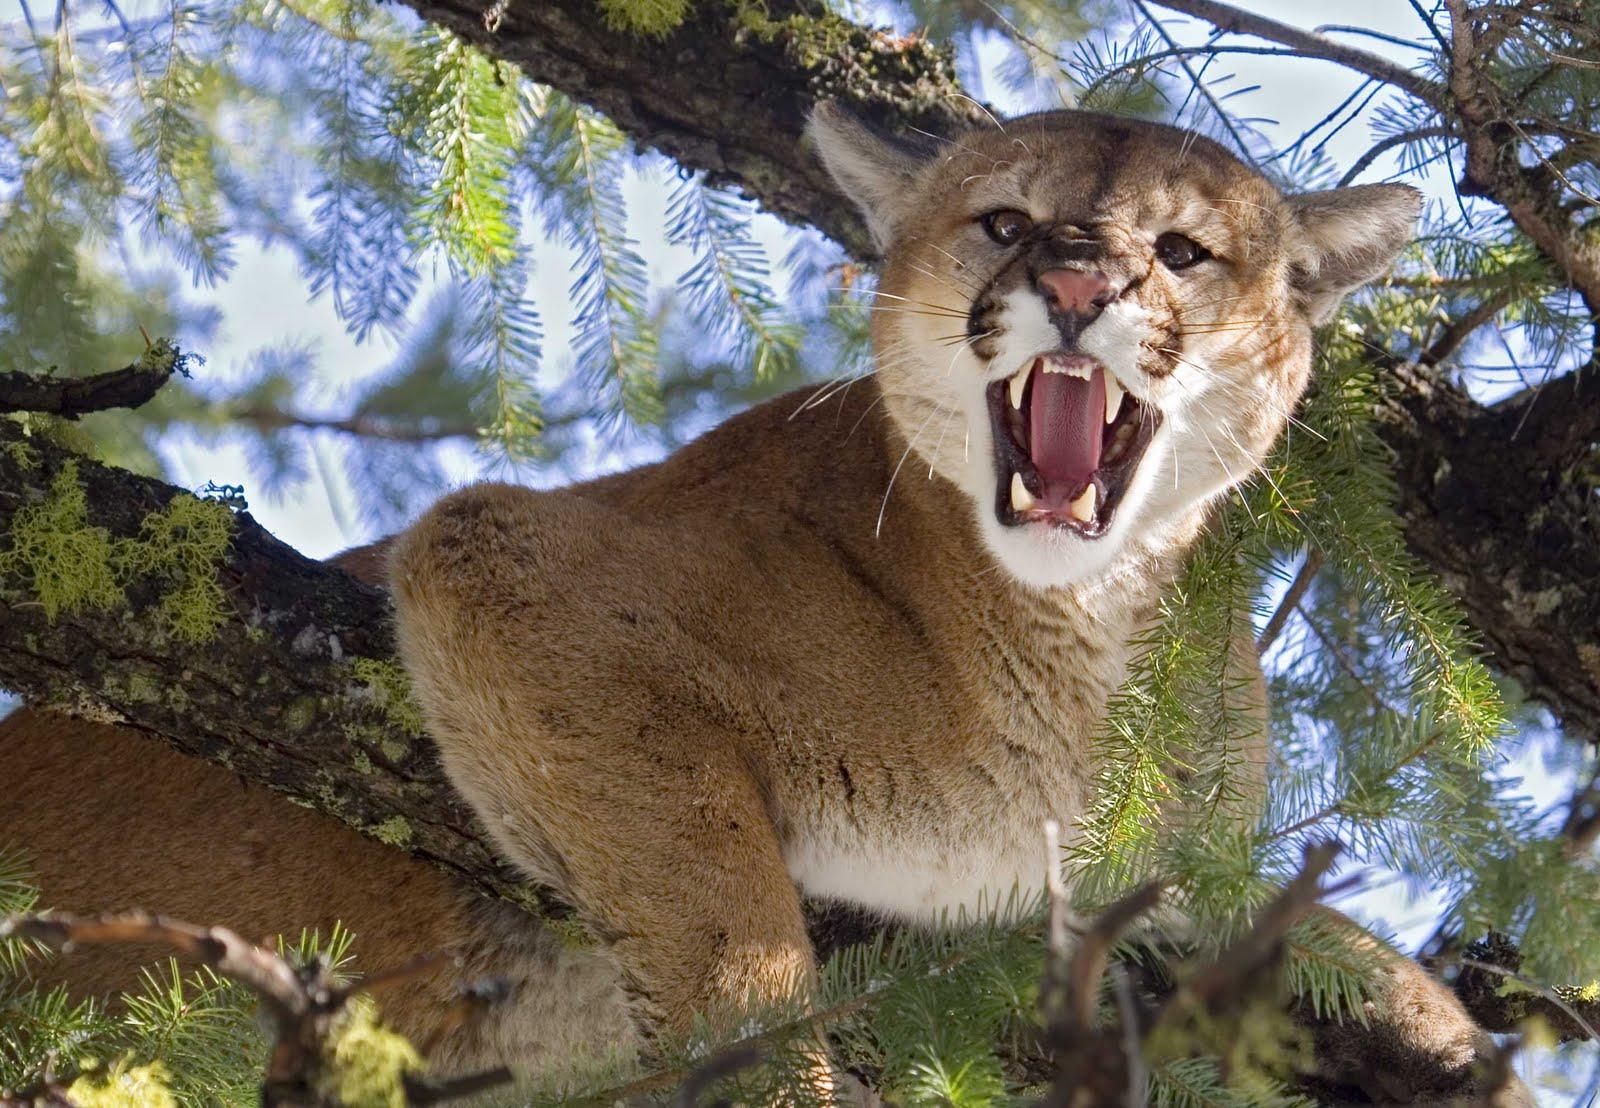 http://3.bp.blogspot.com/-gvWAFqL9ero/TcvqSdQVq8I/AAAAAAAABgw/SQNYAiiFuIU/s1600/Puma.jpg